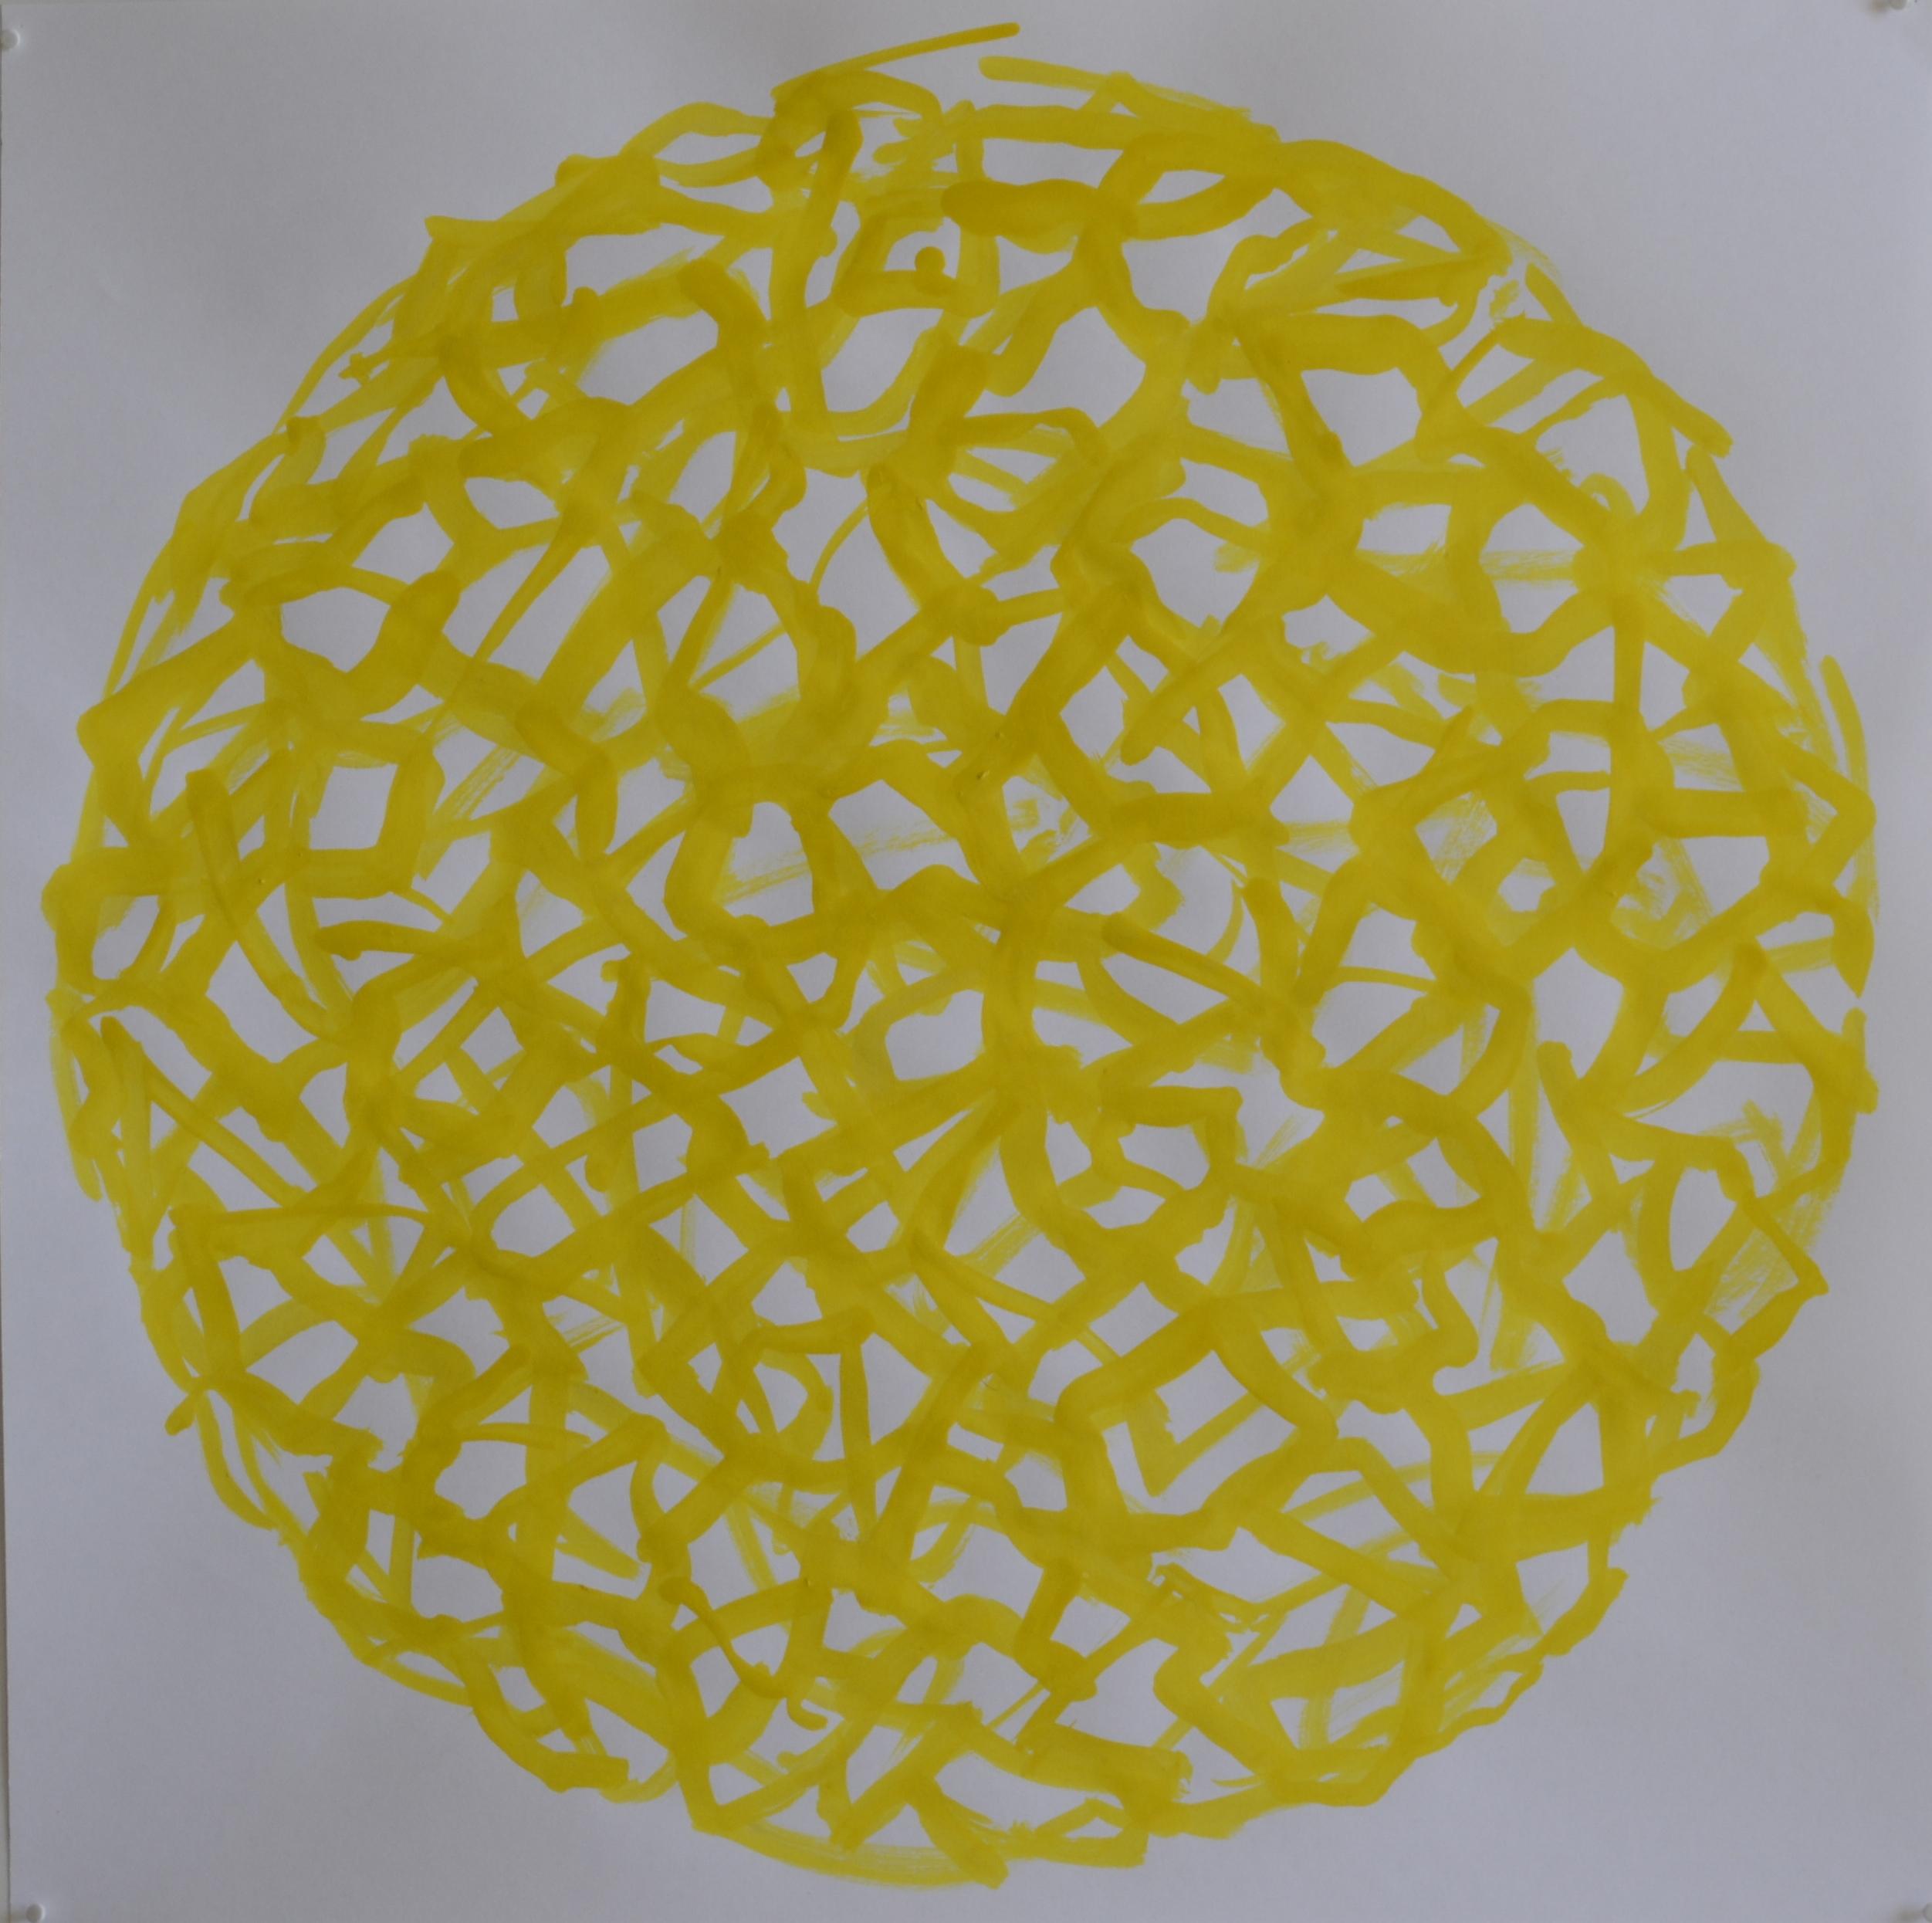 Mappemonde Encre 2, 50 x 50 cm.